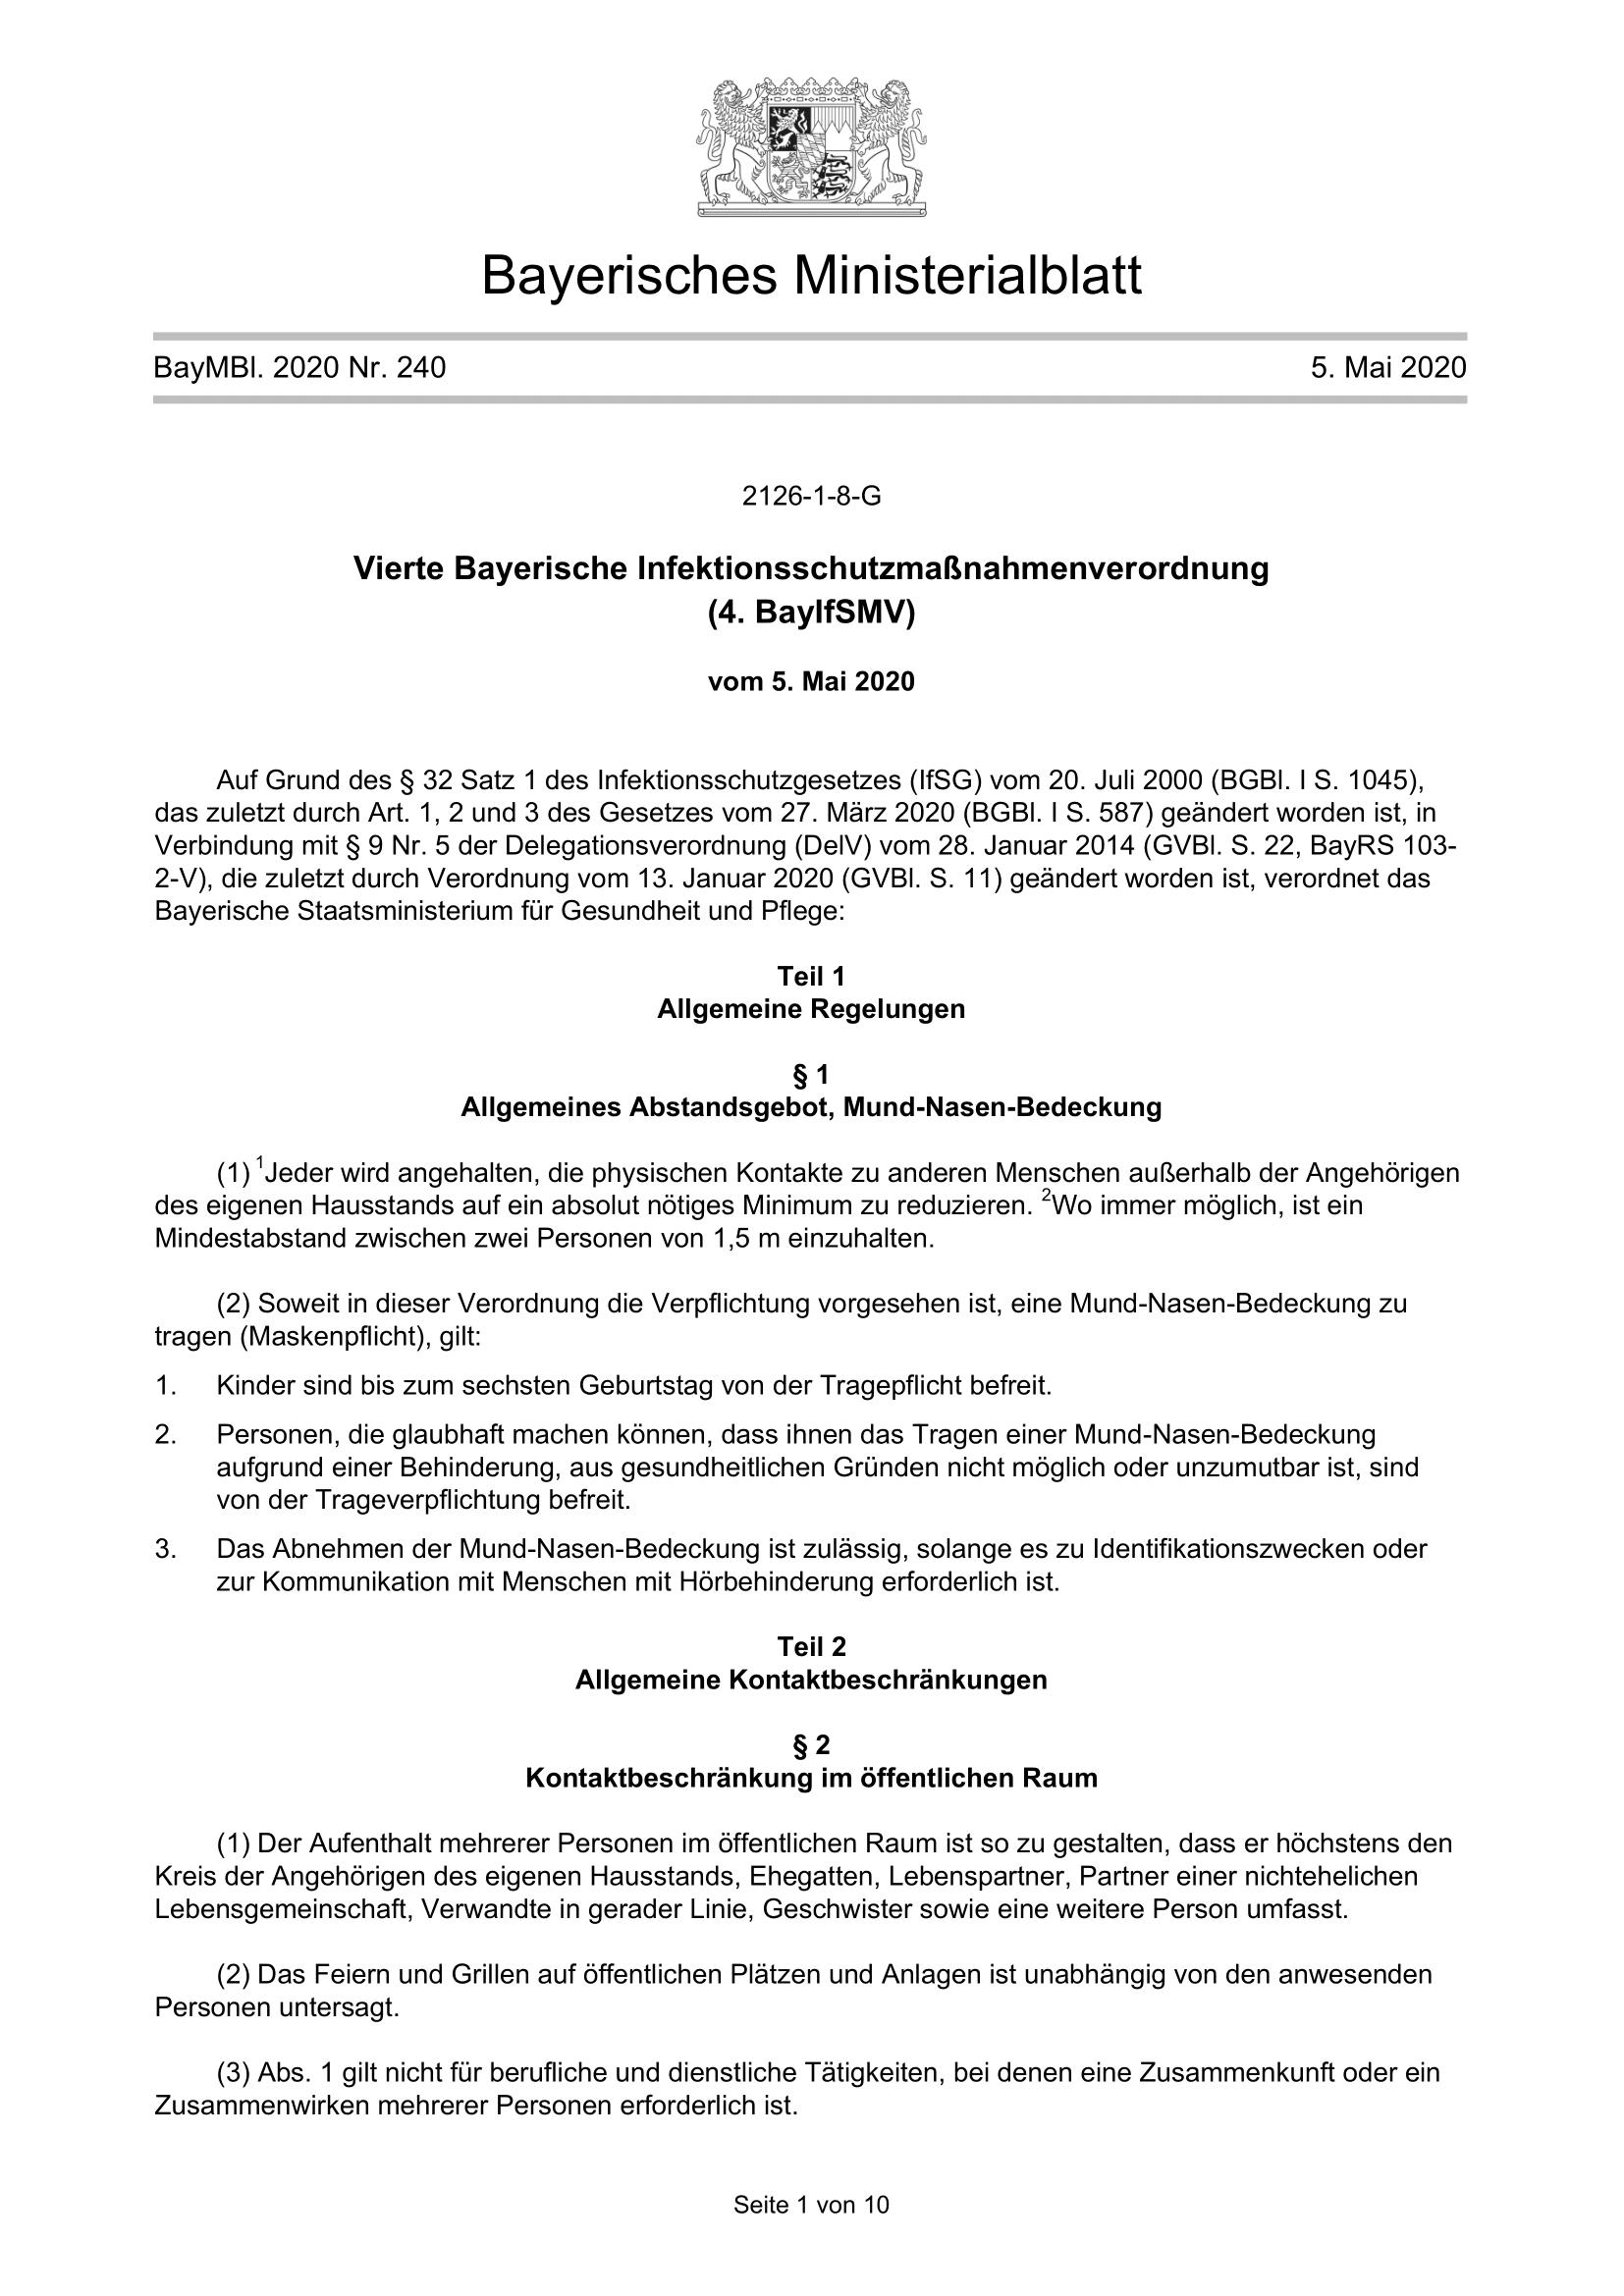 Regierung_07.05.2020_baymbl-2020-240-01